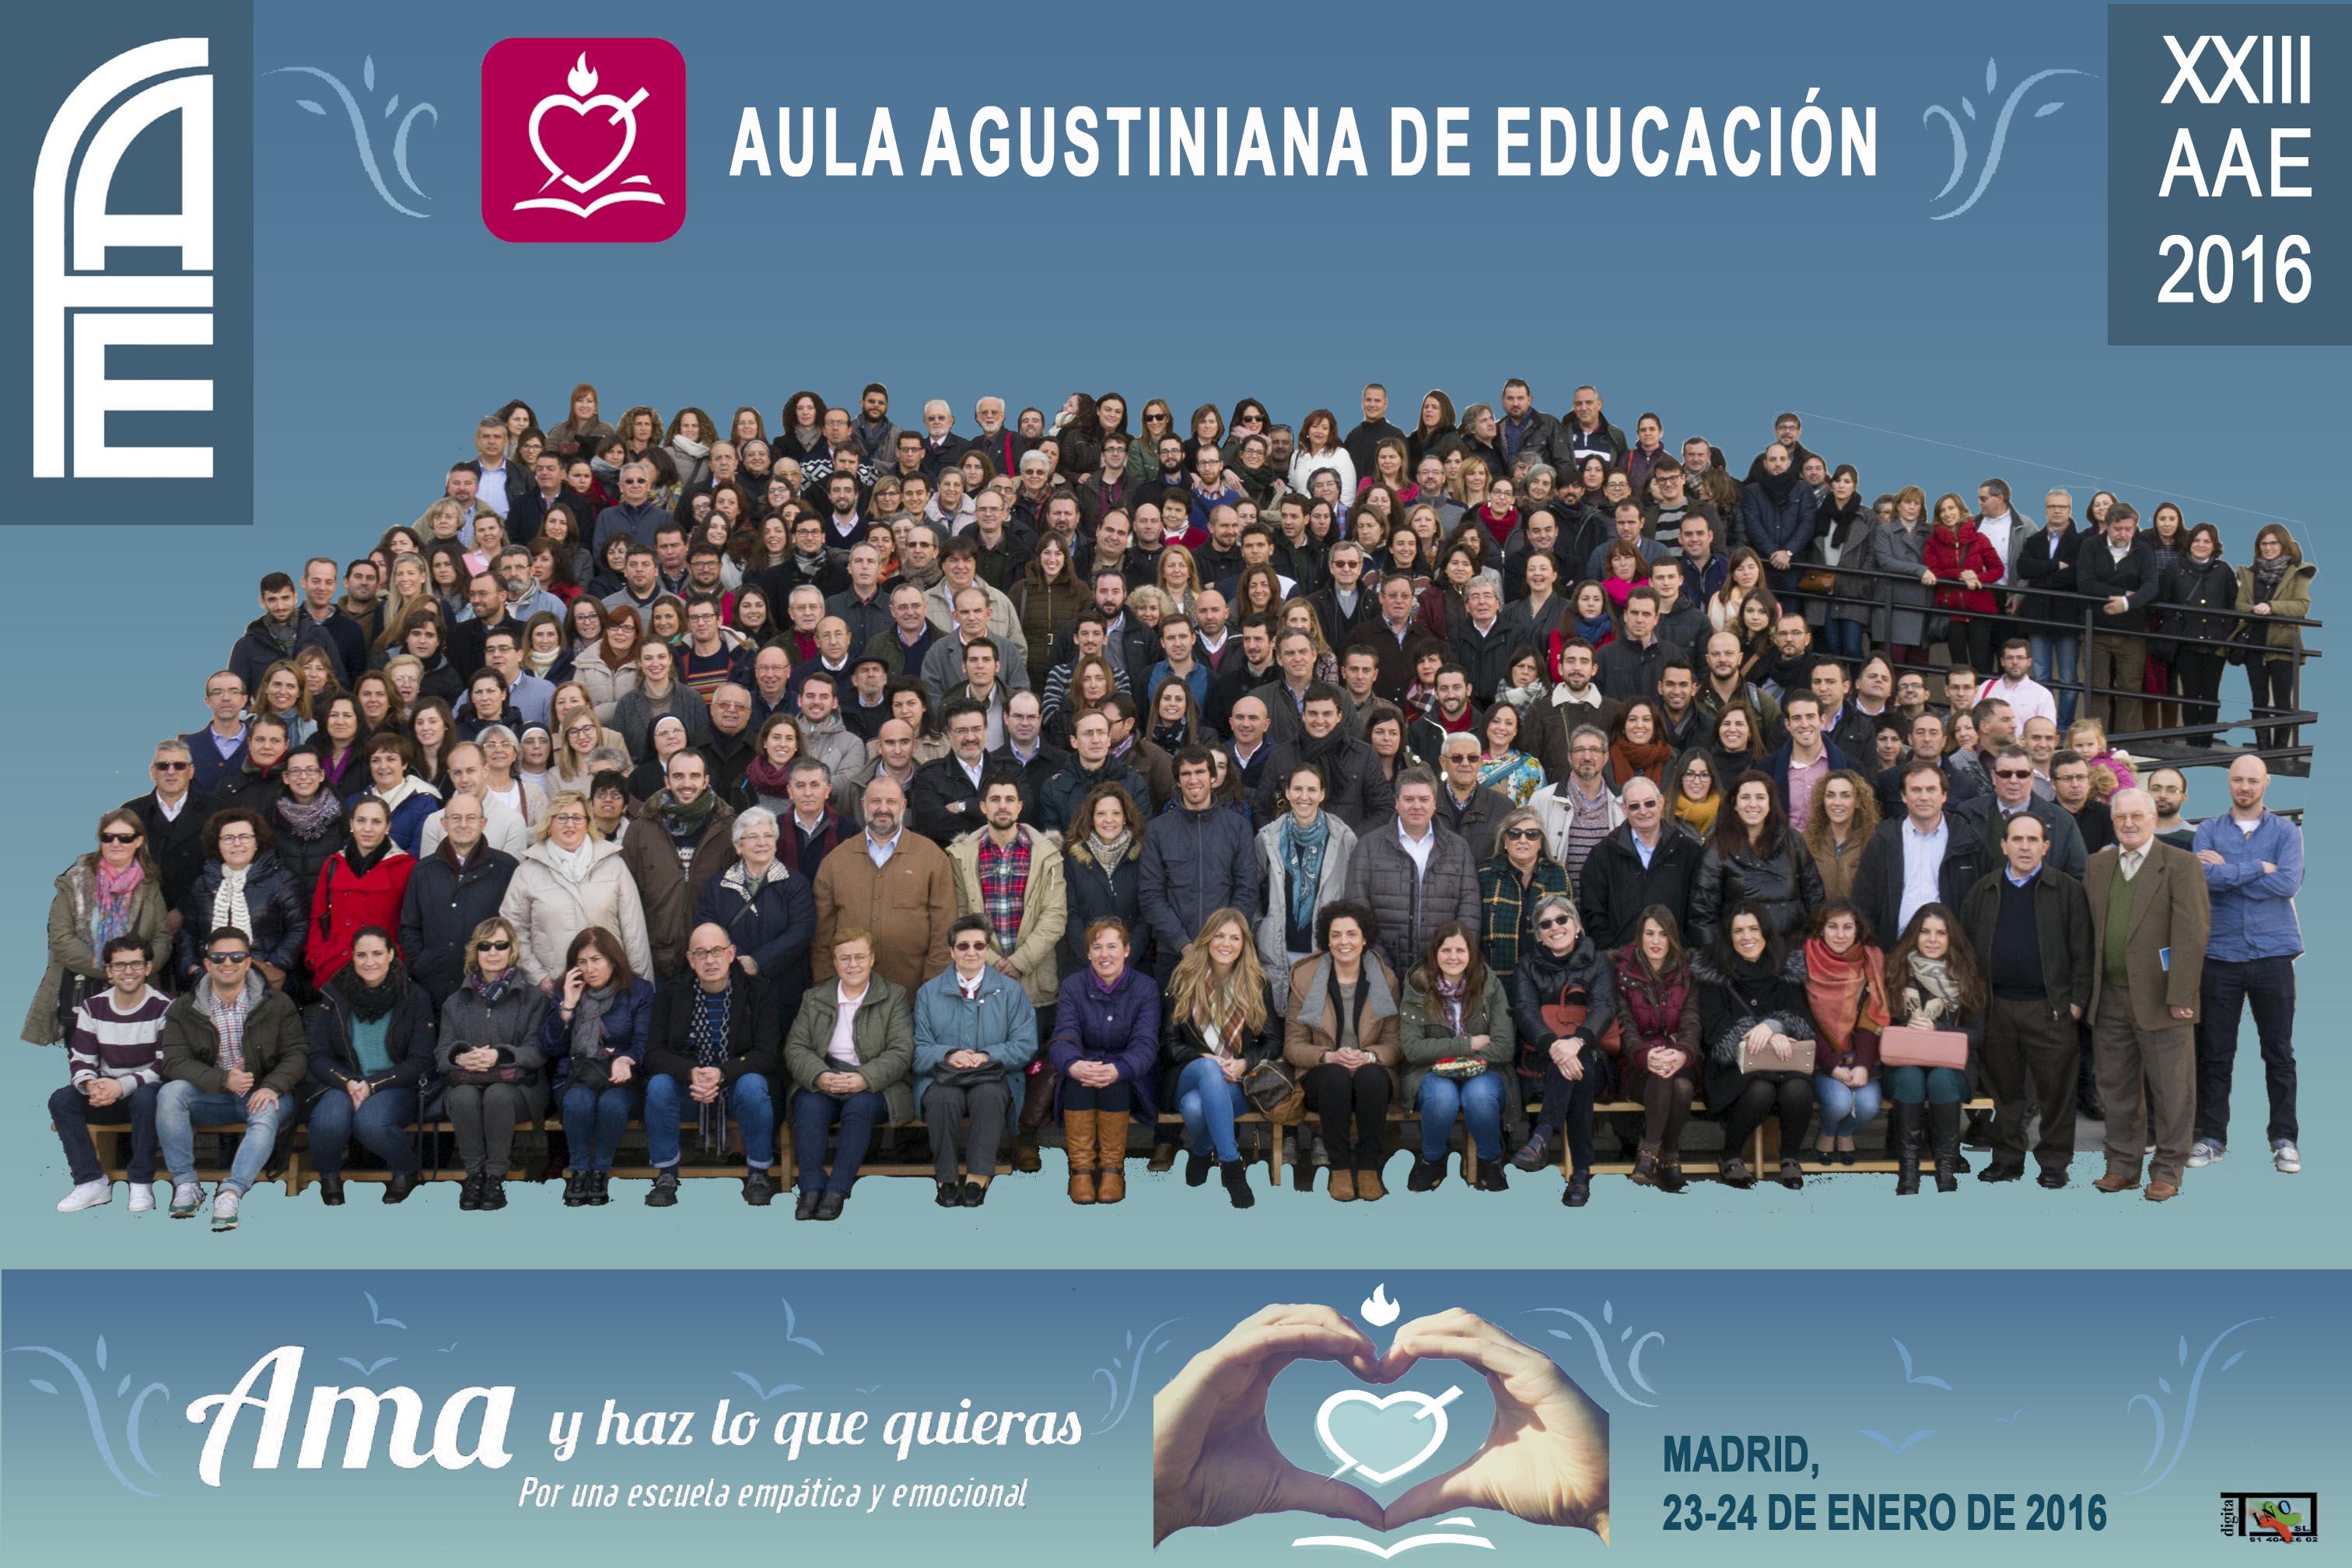 XXIII Aula Agustiniana de Educación